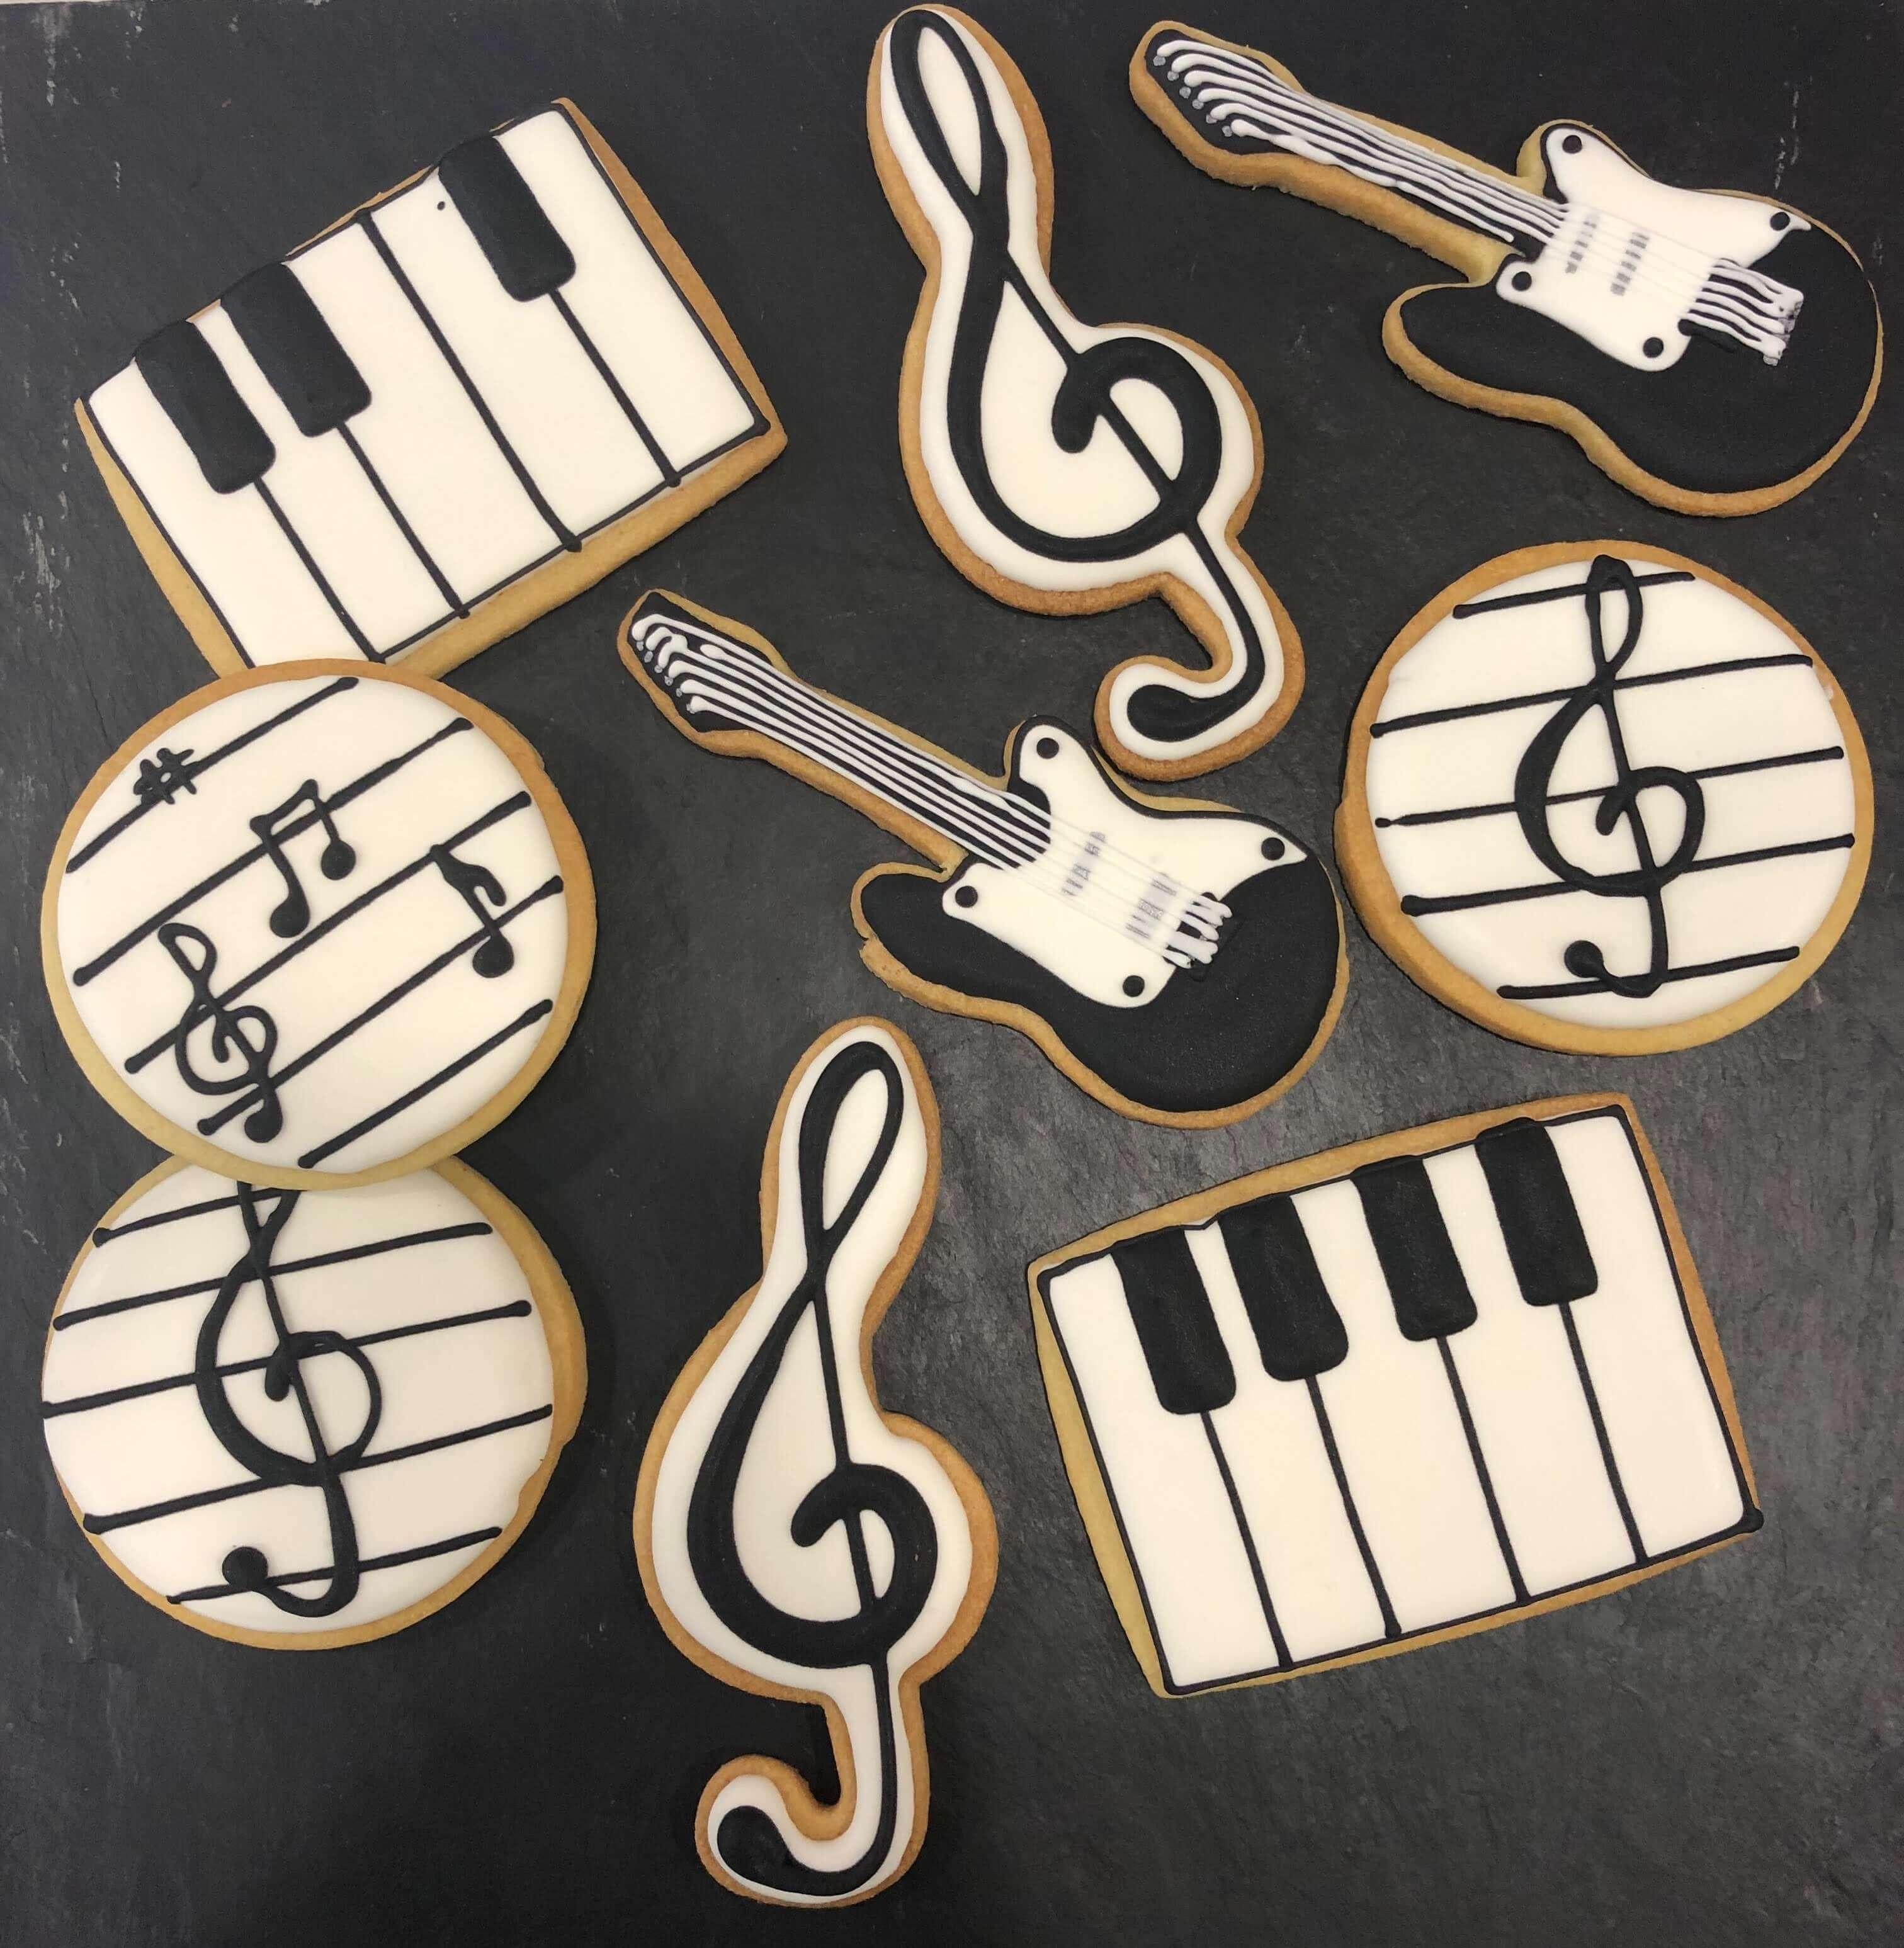 Galletas cumpleaños personalizadas música notas musicales guitarra coruña